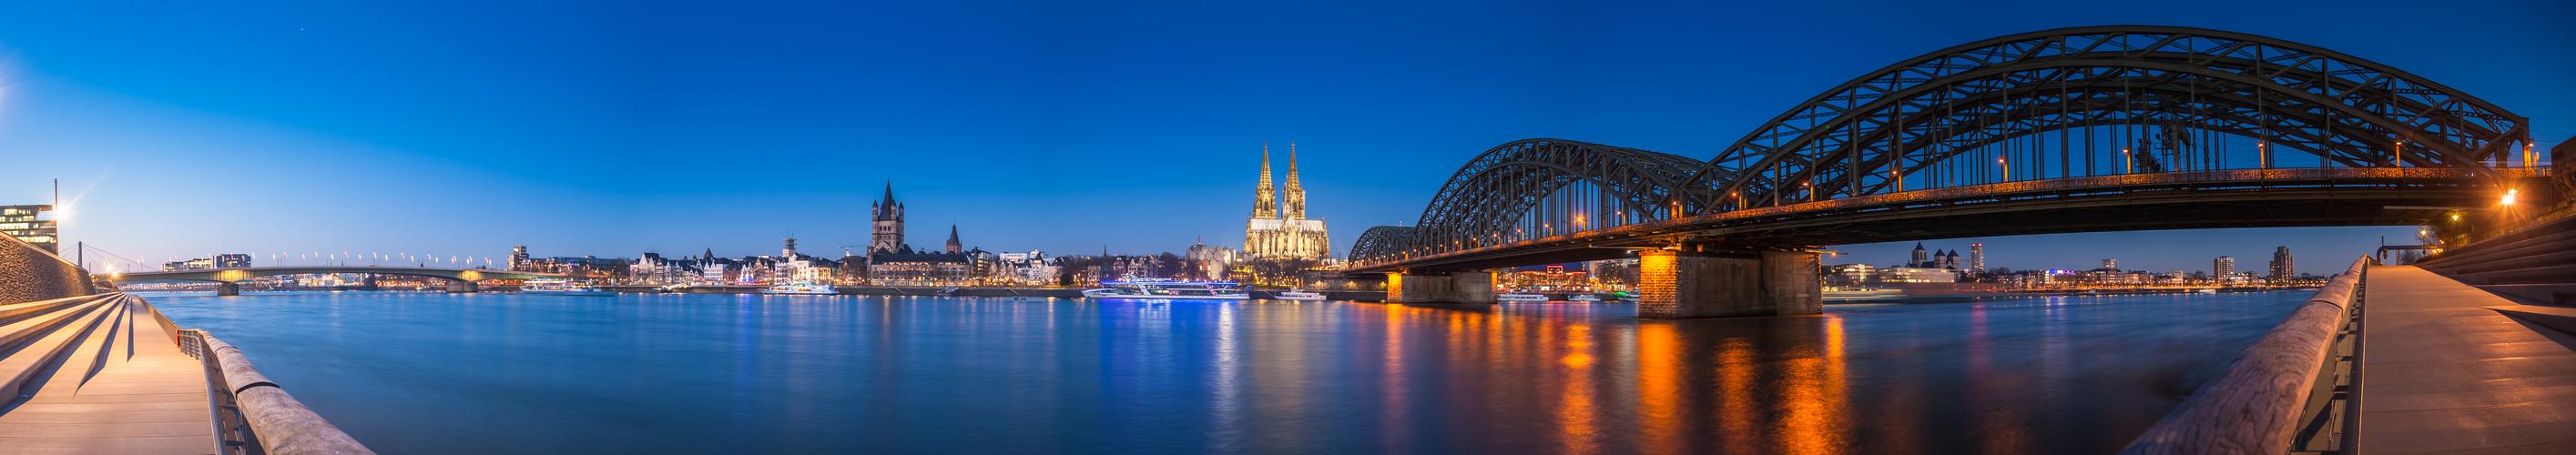 Rhein-Panorama